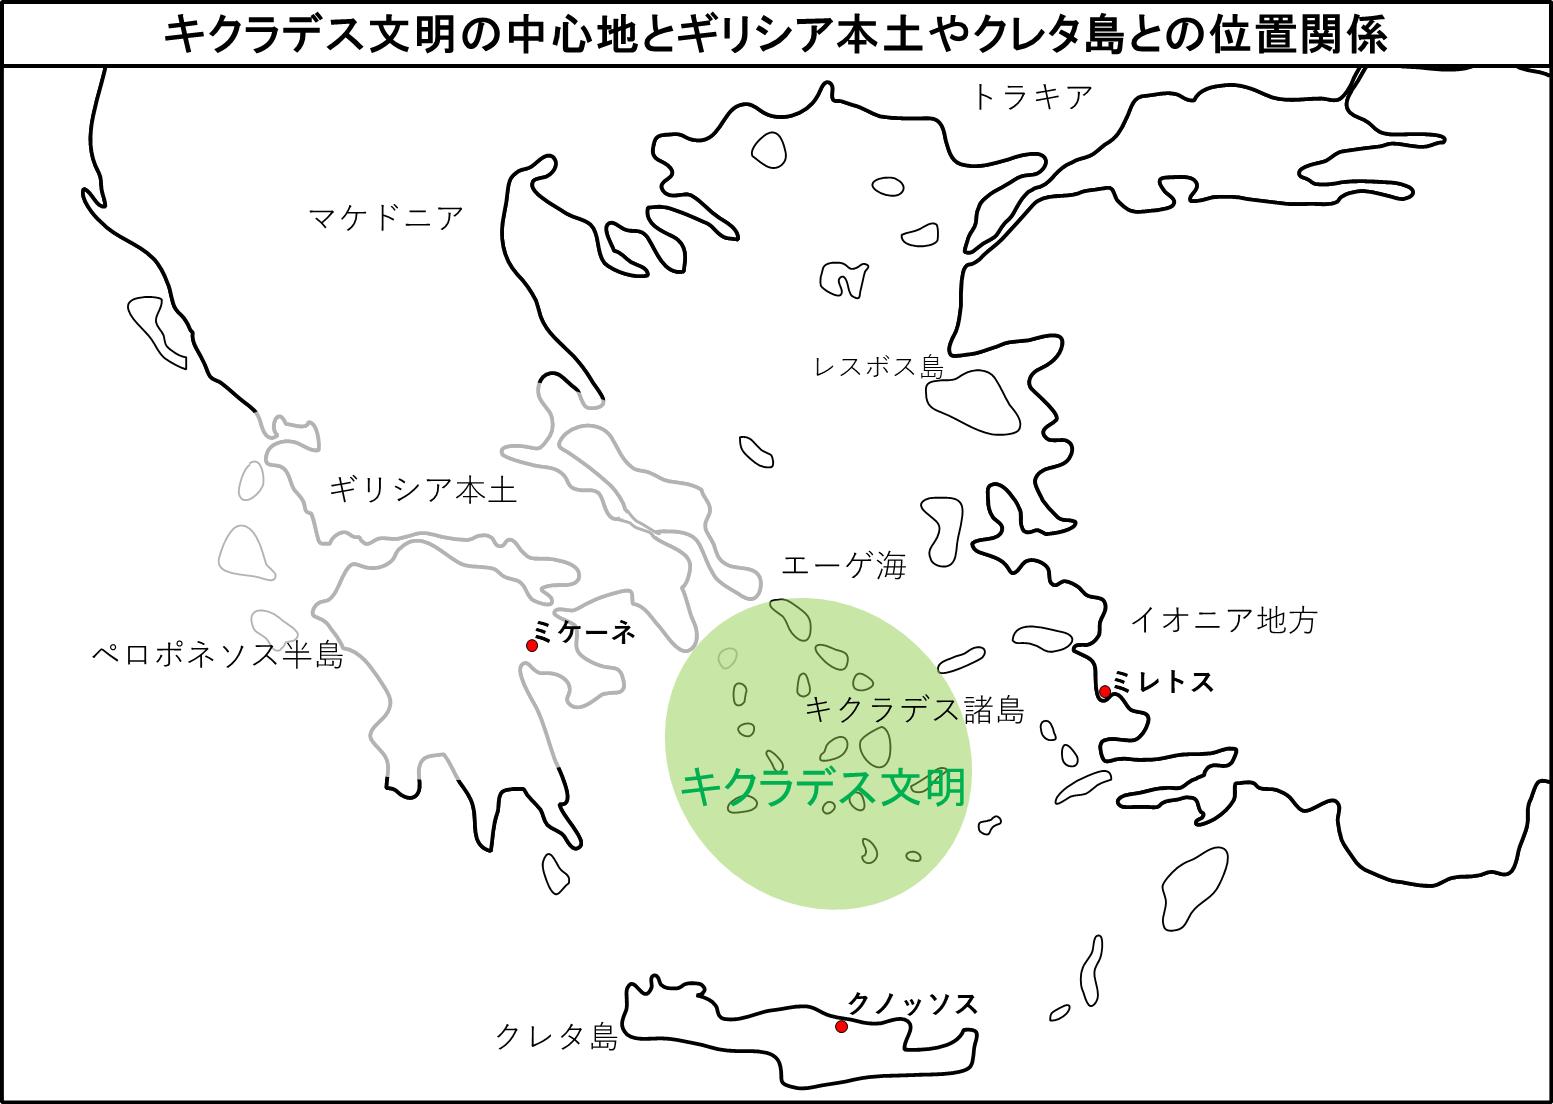 20200419① キクラデス文明の中心地とギリシア本土やクレタ島との位置関係